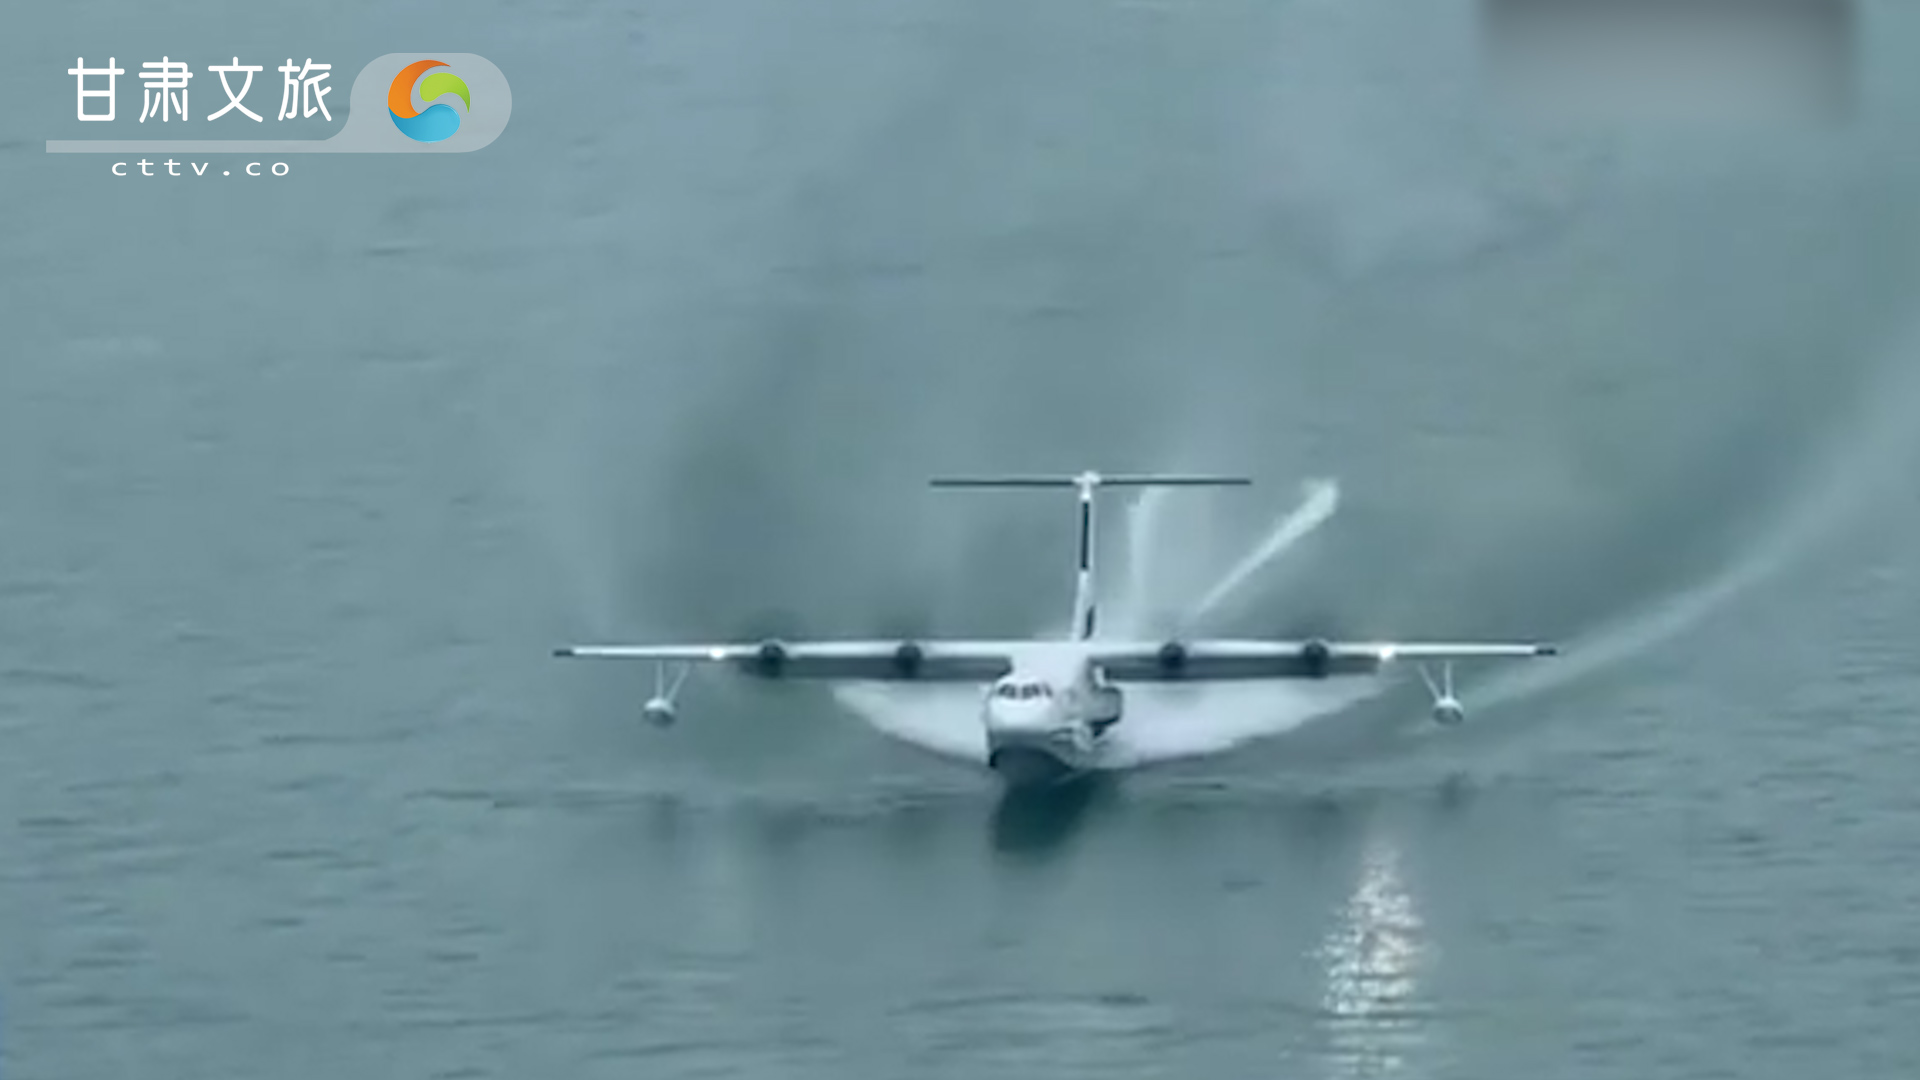 鲲龙AG600:可以上天入海的飞机